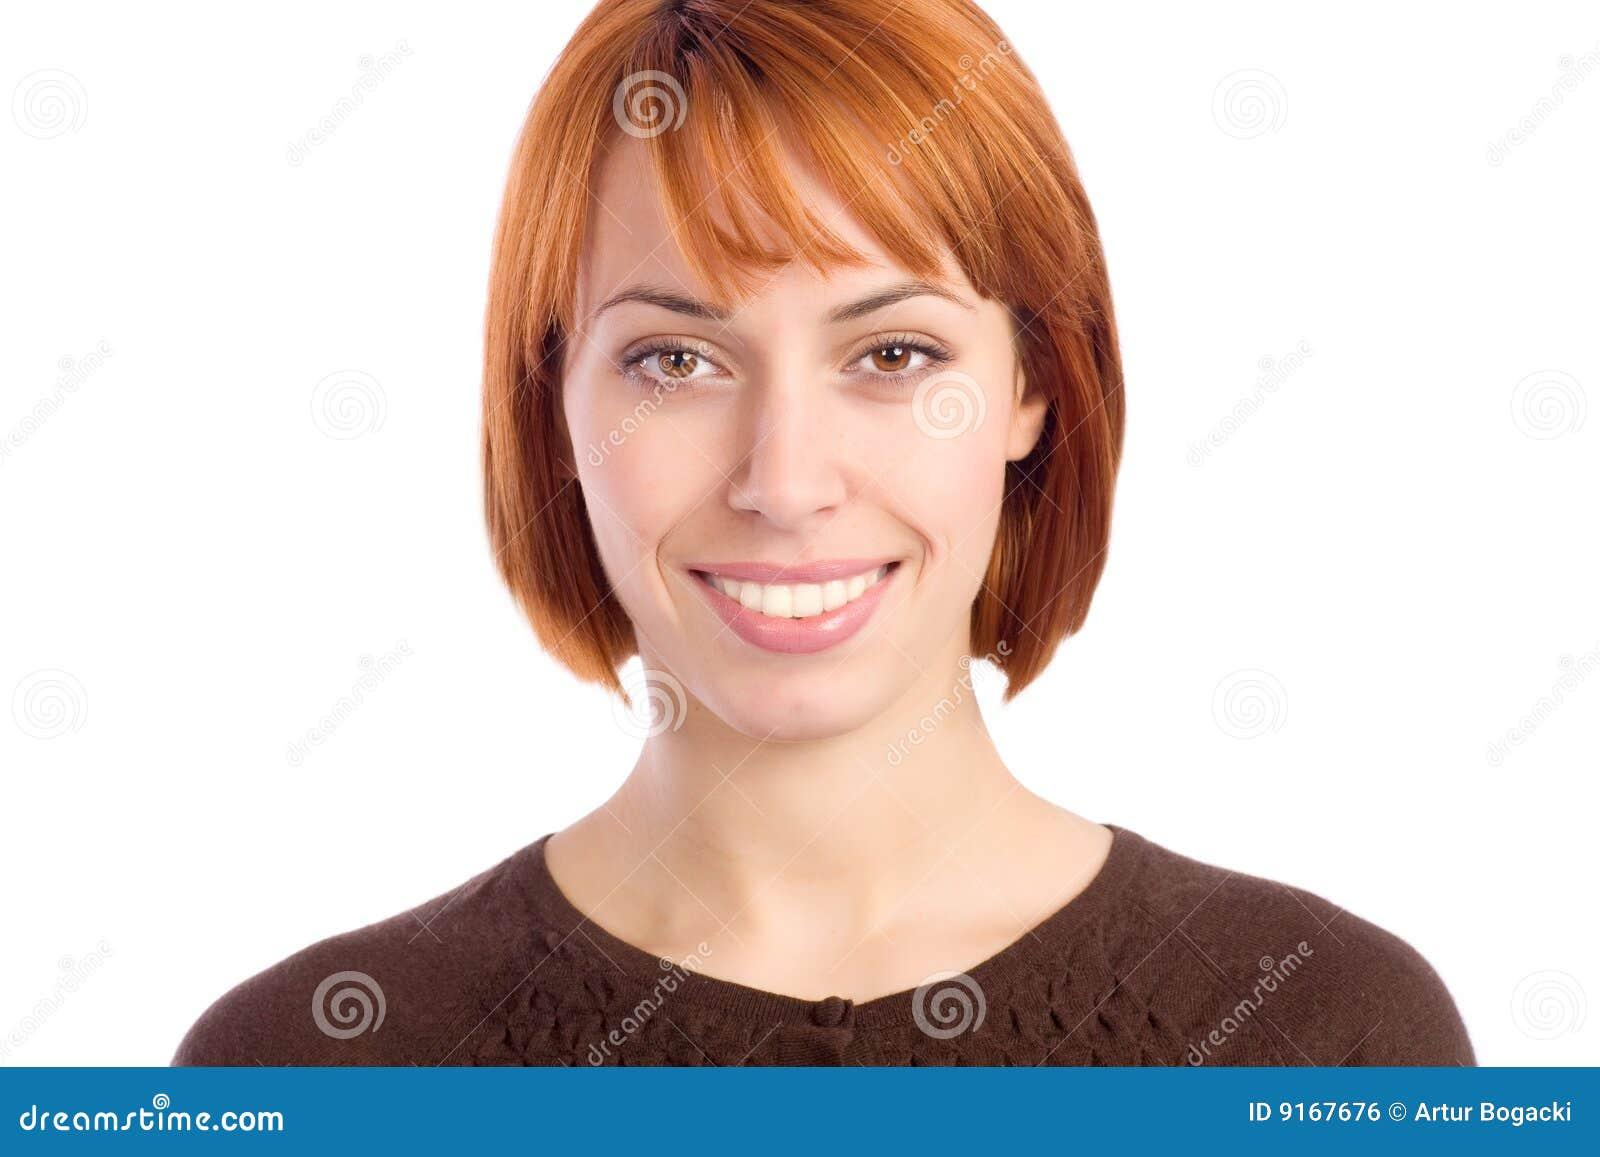 rencontre femme libre femmes célibataires audenarde